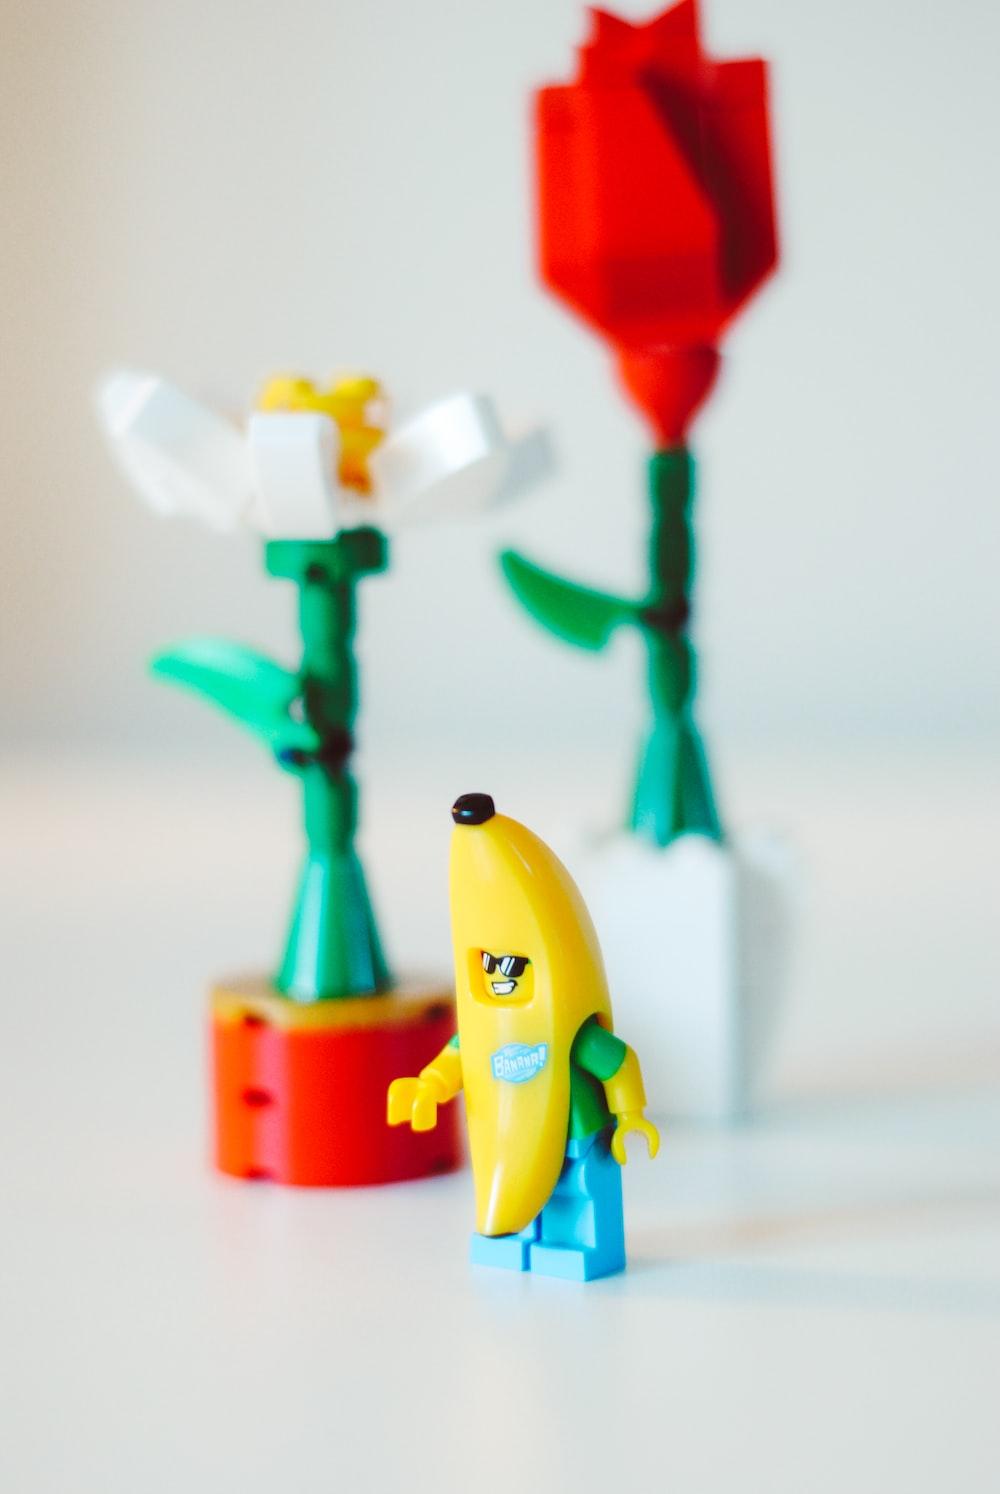 banana figure toy